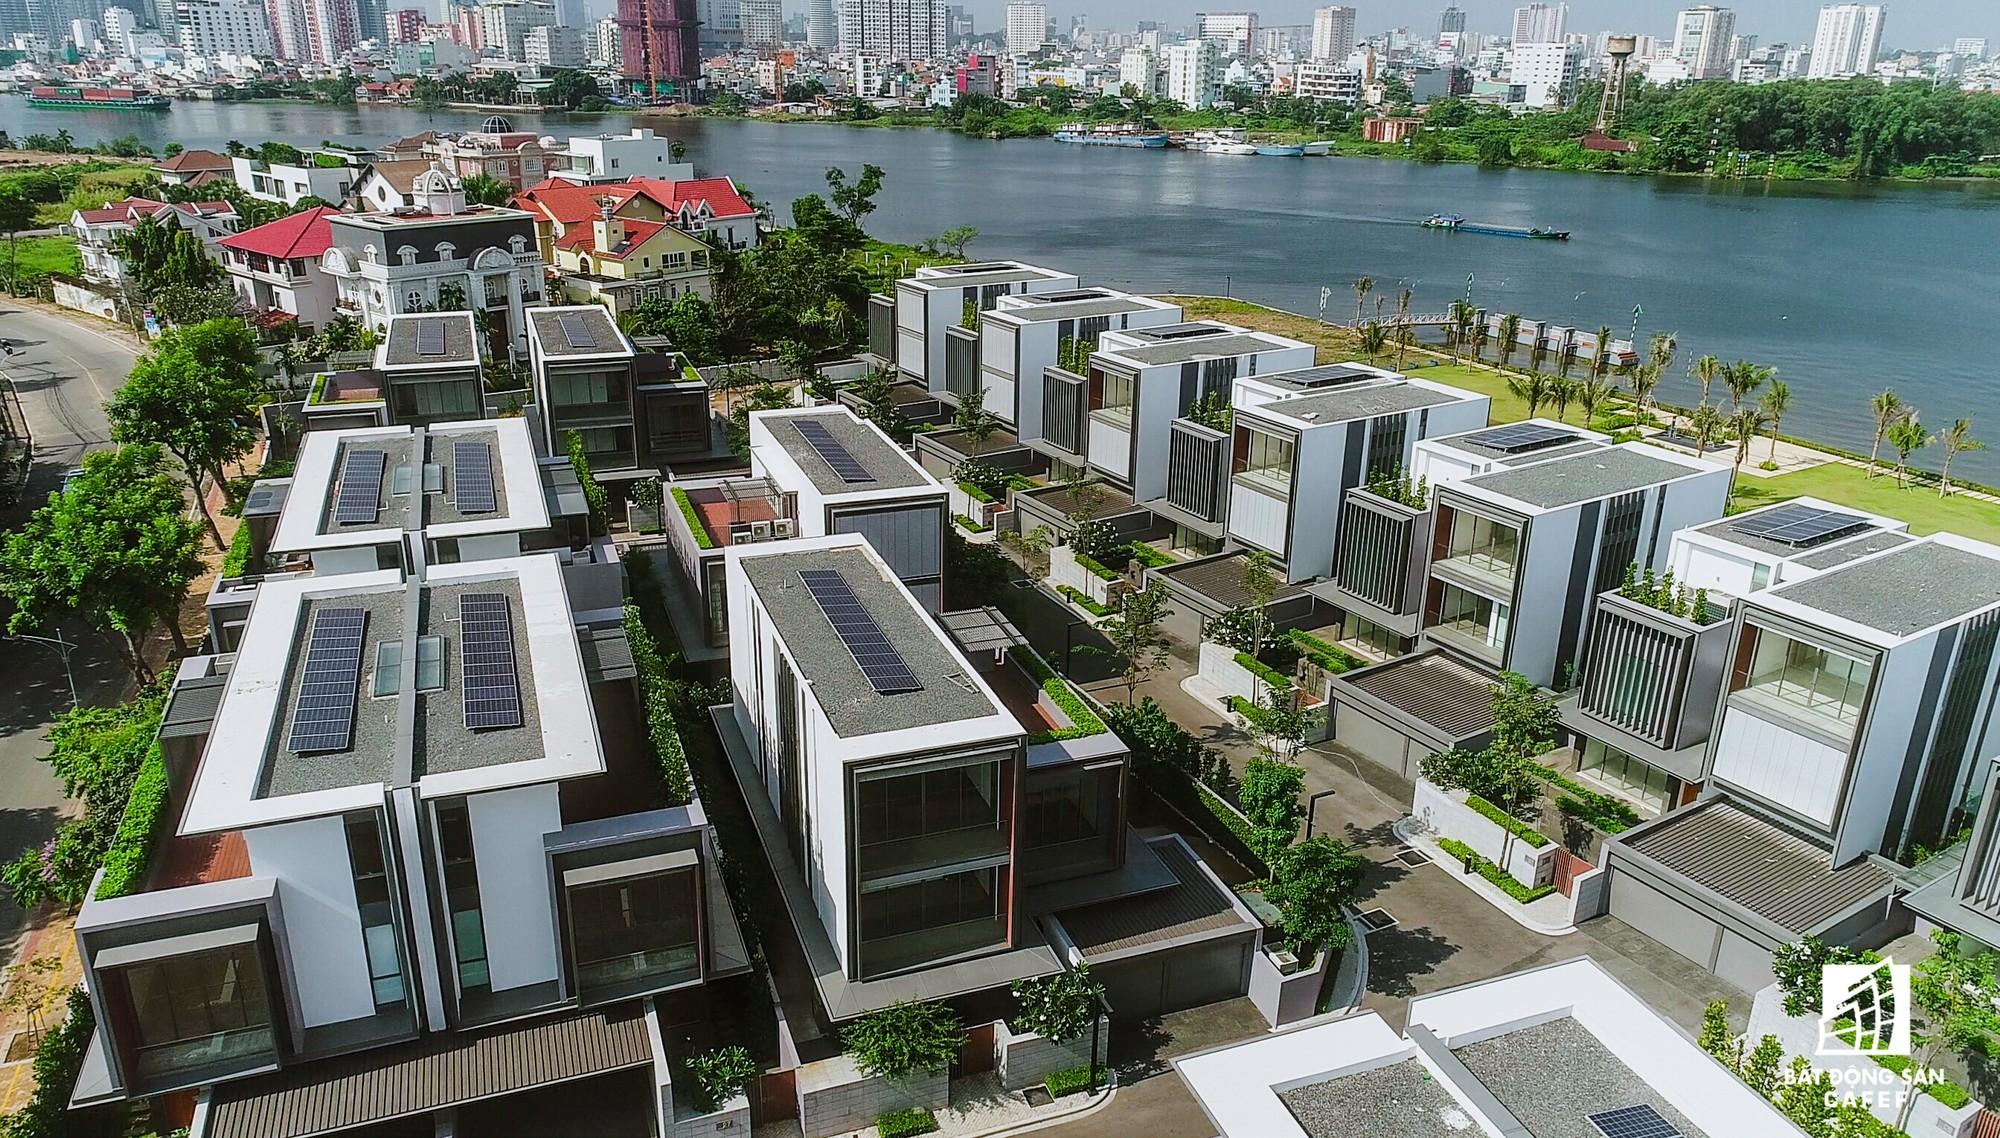 Nhà giàu cũng khóc trong những khu biệt thự sang chảnh bậc nhất Sài Gòn - Ảnh 6.